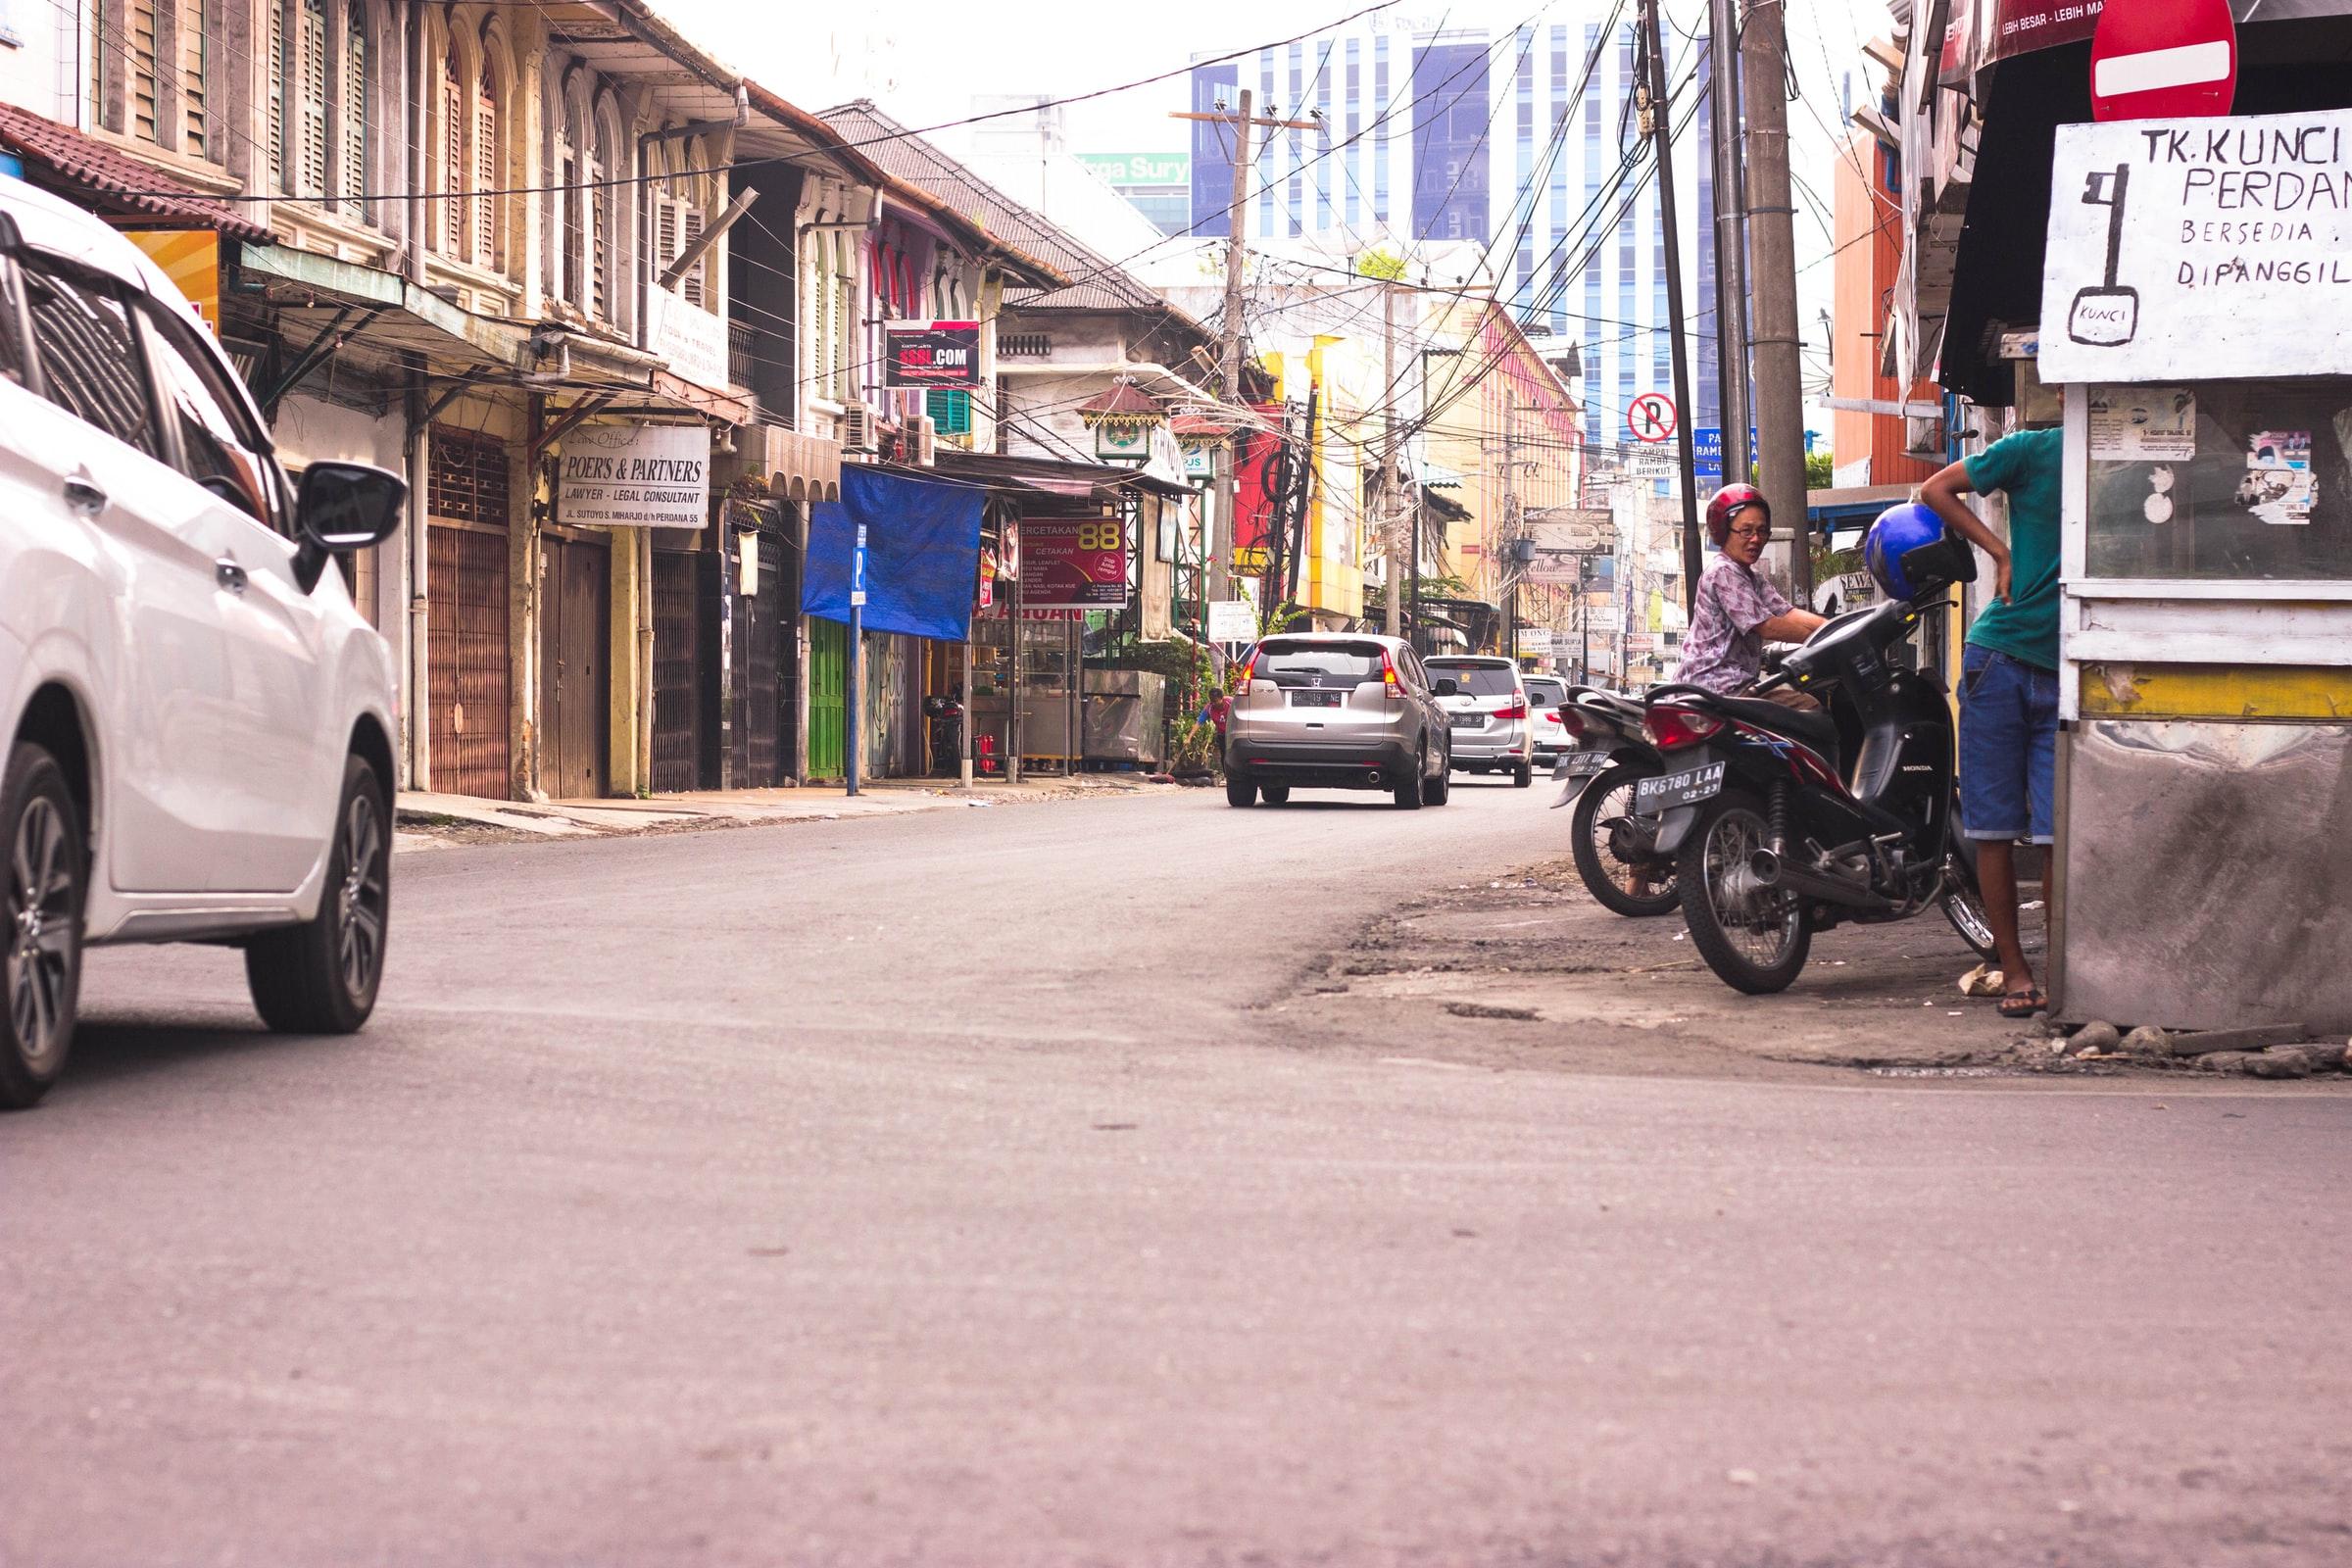 Indonesien Medan - Straße und Häuser